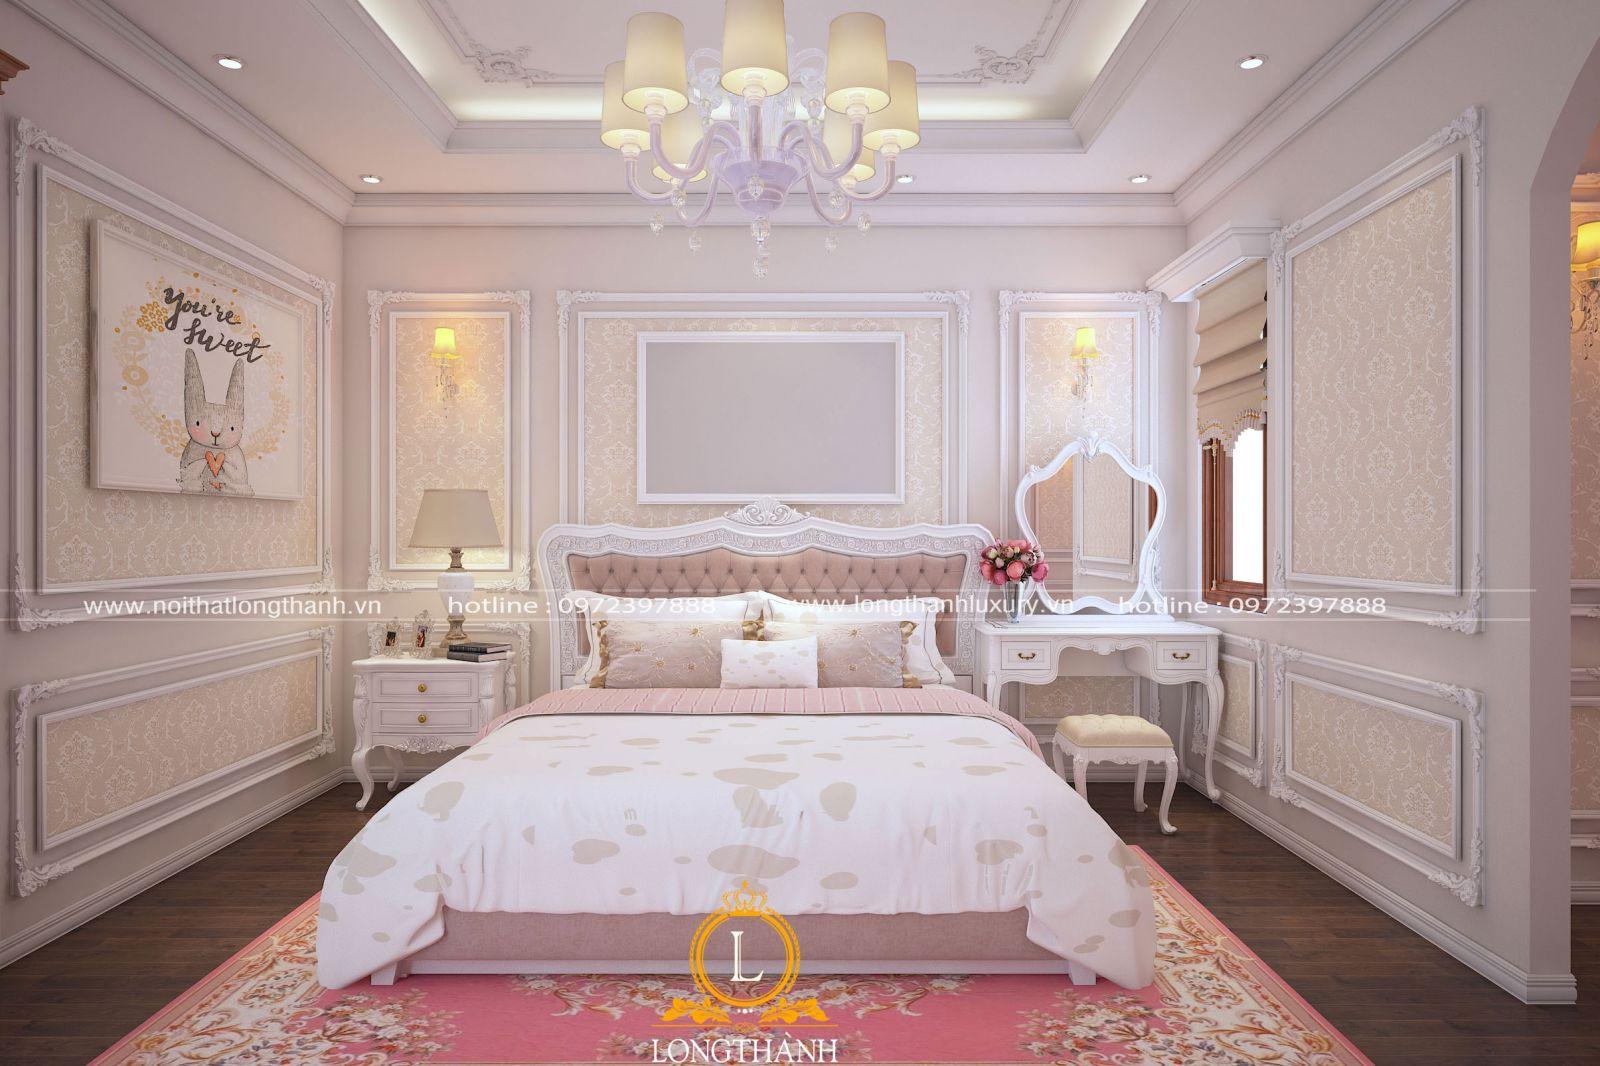 Những mẫu bàn phấn tân cổ điển đẹp và tinh tế cho phòng ngủ